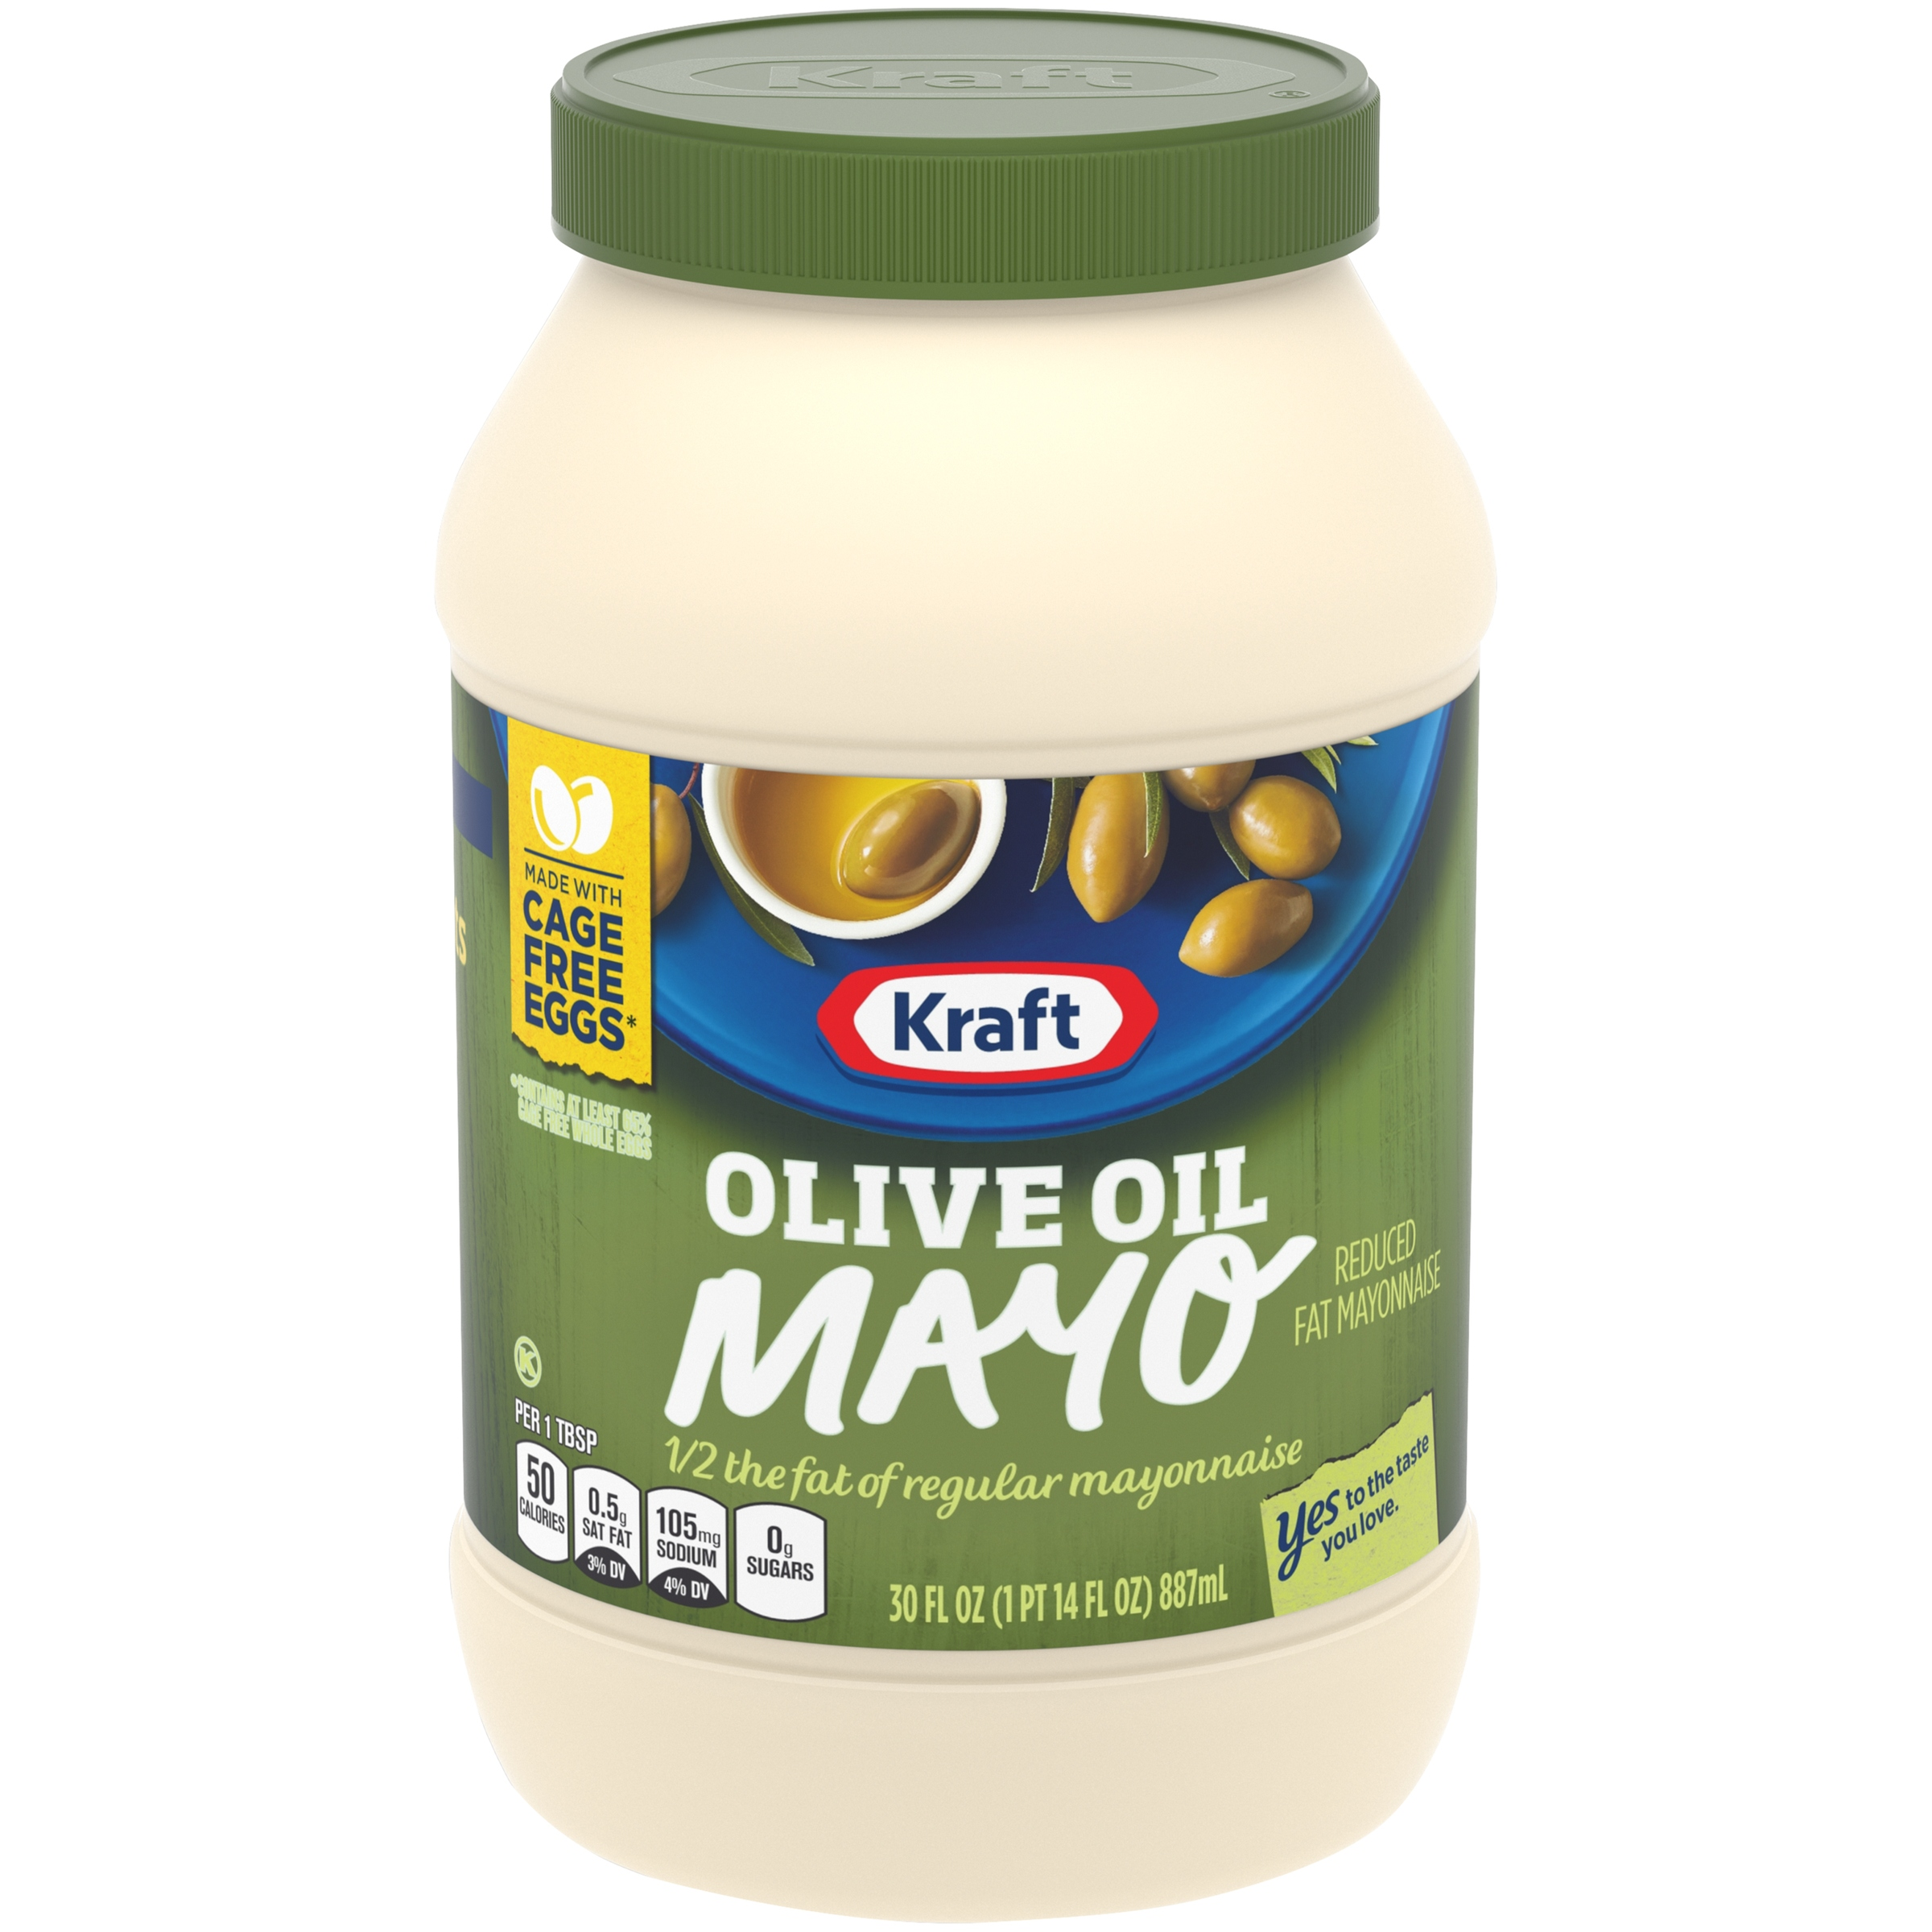 Kraft Olive Oil Reduced Fat Mayonnaise 30 fl. oz. Jar